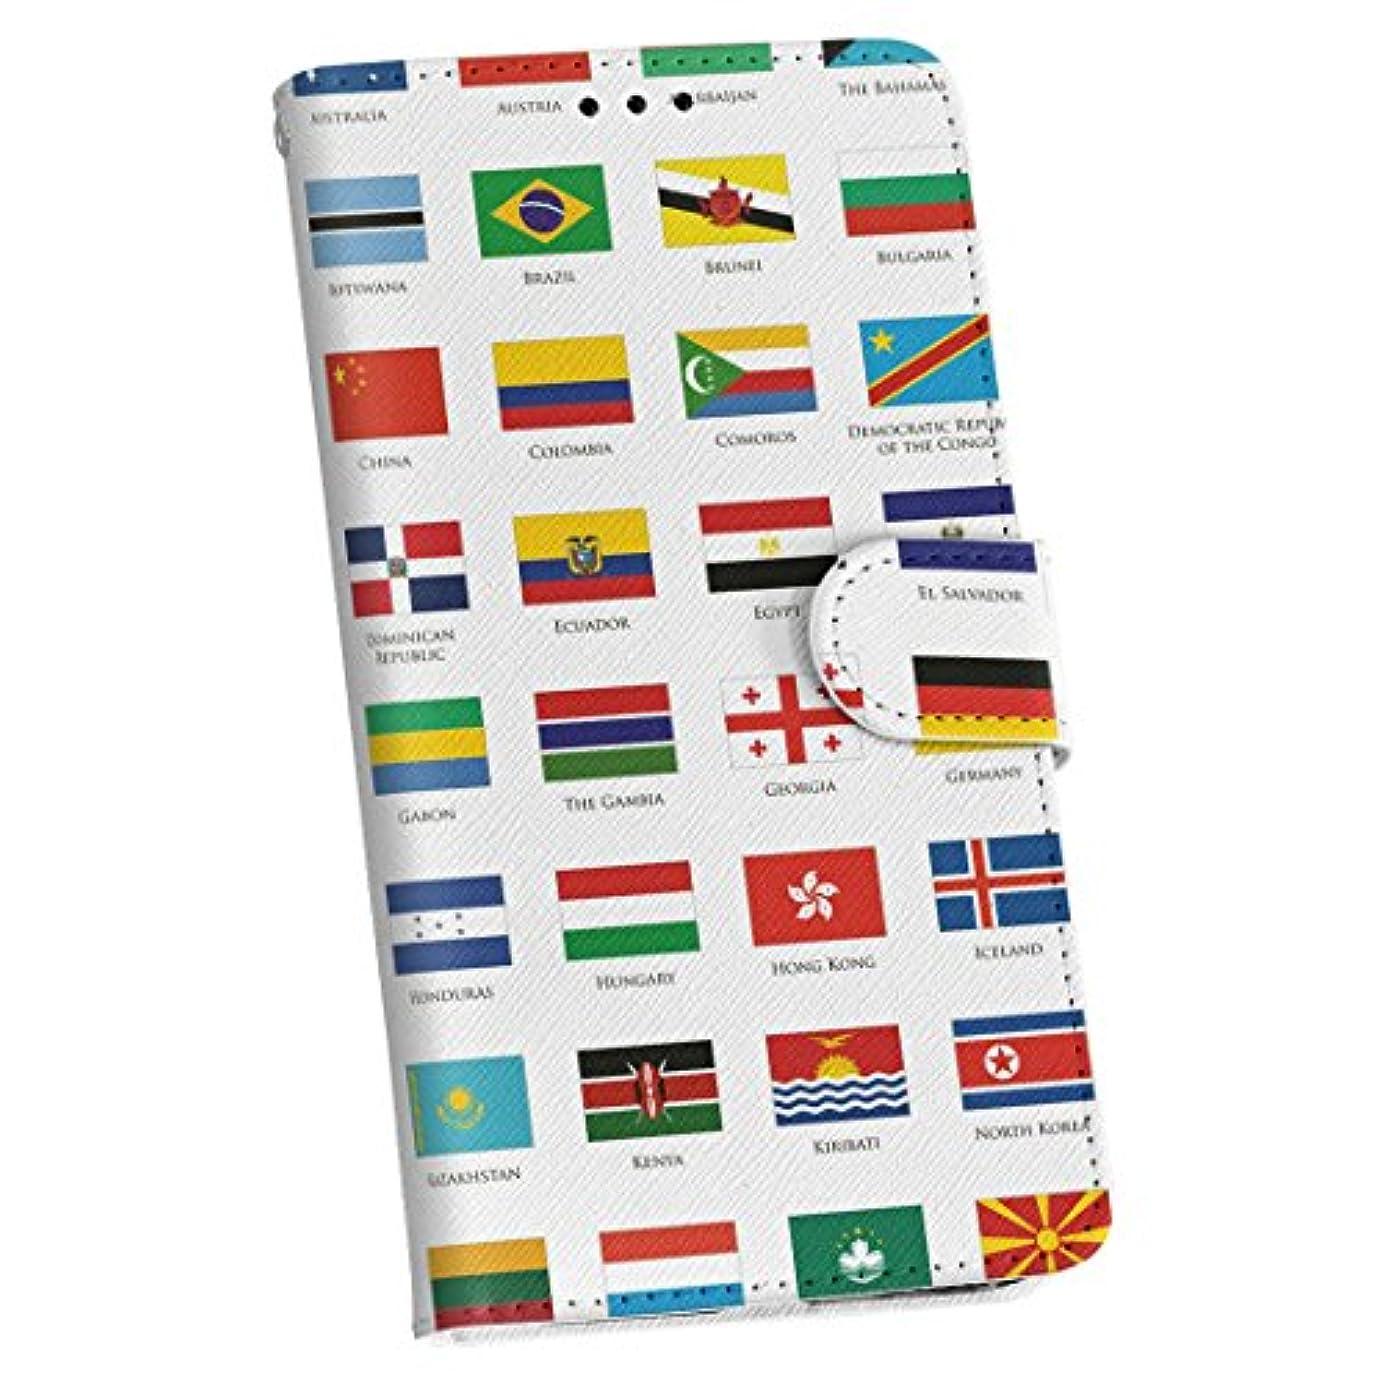 アパート考案する眩惑するigcase Galaxy A20 SC-02M SCV46 専用 ケース カバー 手帳 AU DOCOMO UQ スマコレ 手帳型 レザー 手帳タイプ 革 sc02m スマホケース スマホカバー 009360 外国 国旗